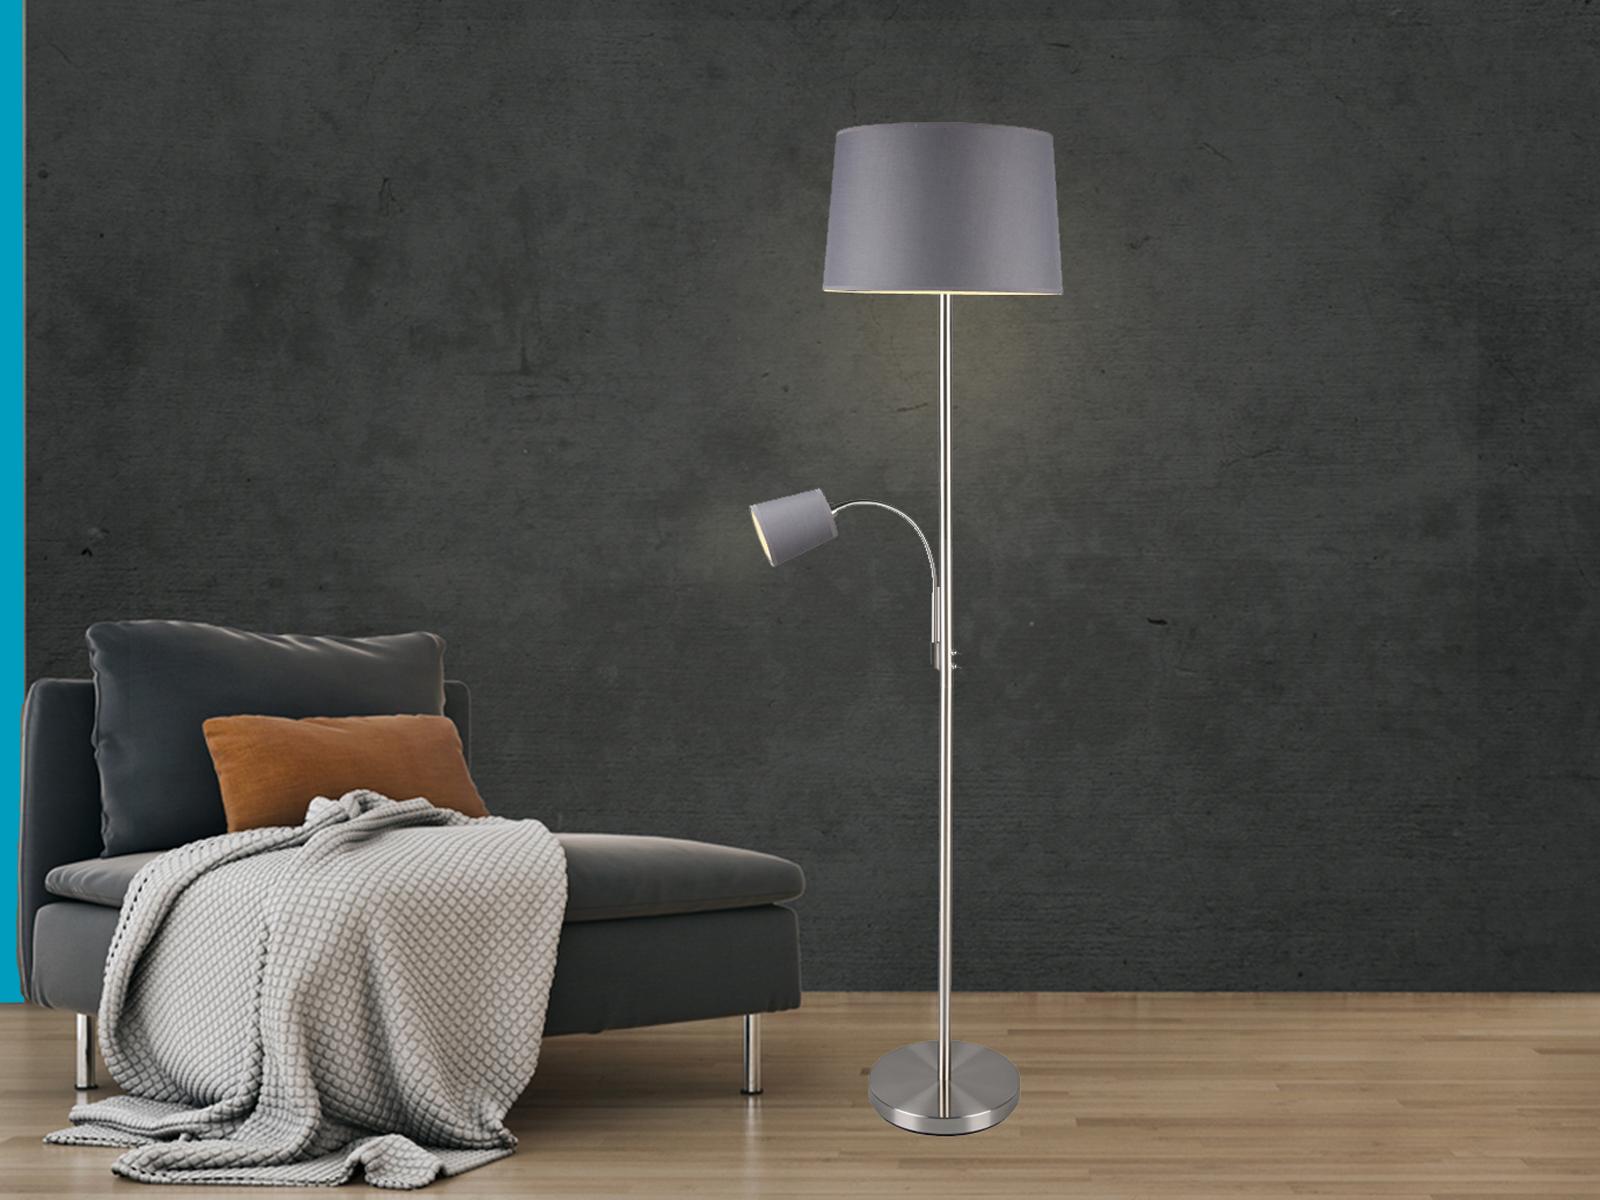 LED Stehleuchte & Leselampe Stoffschirm grau für Wohnzimmer Stehlampen zum  Lesen - yatego.com